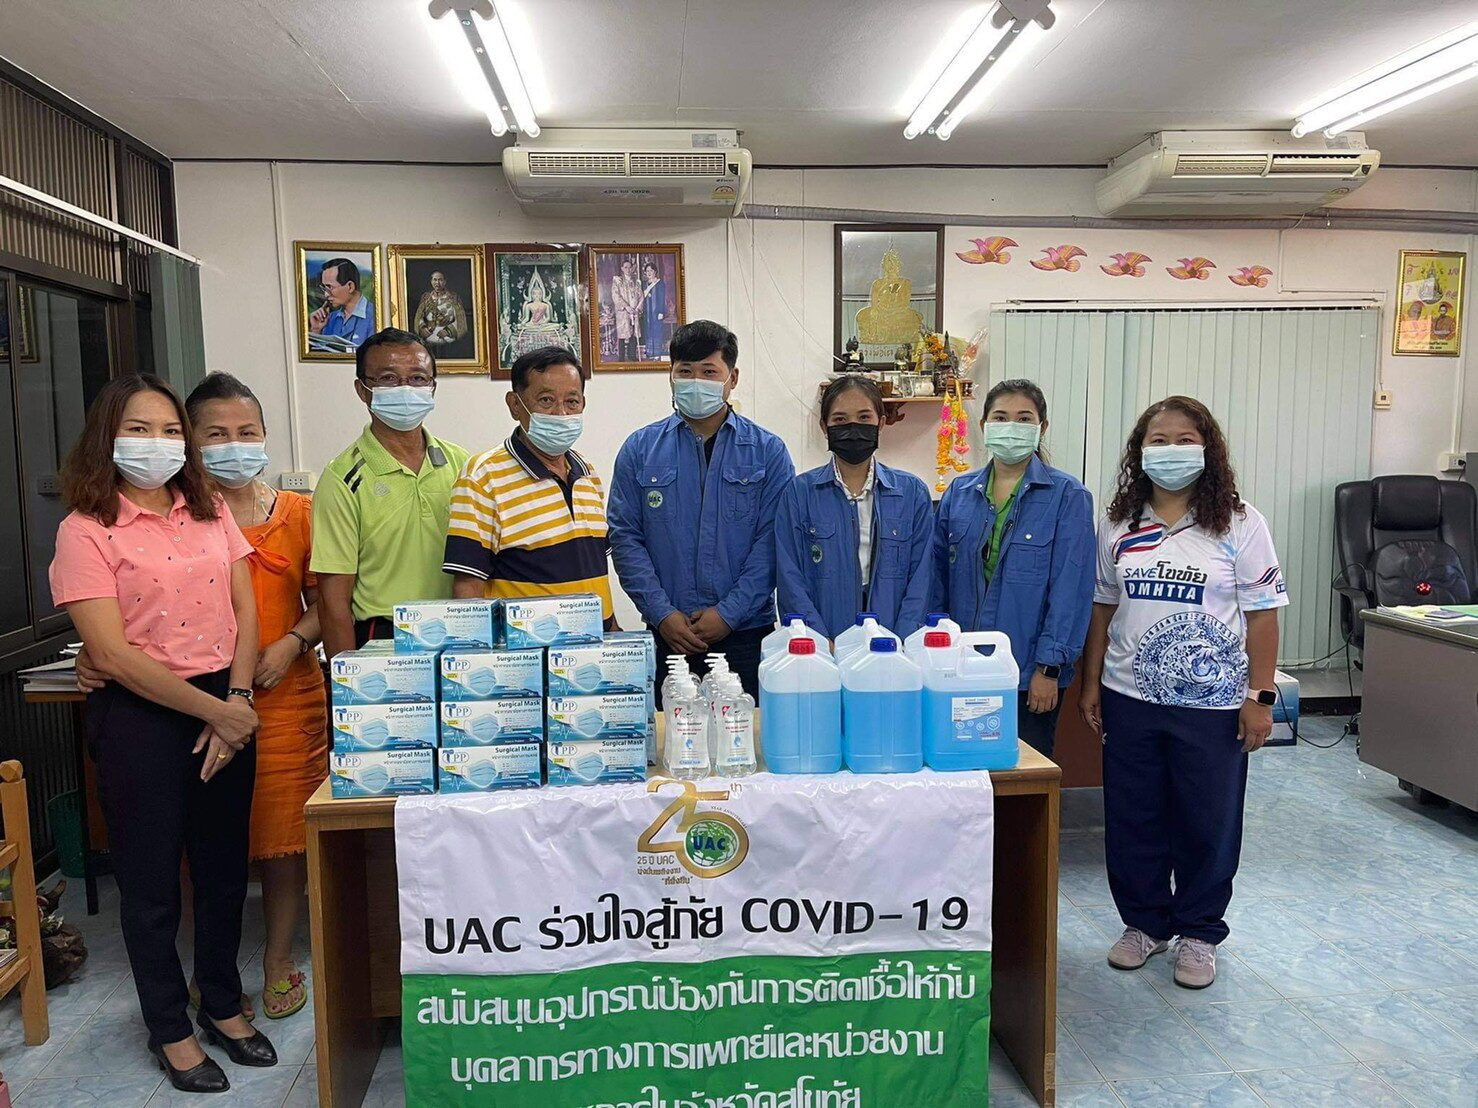 'UAC' ส่งโรงงาน PPP สนับสนุนอุปกรณ์ทางการแพทย์สู้โควิด